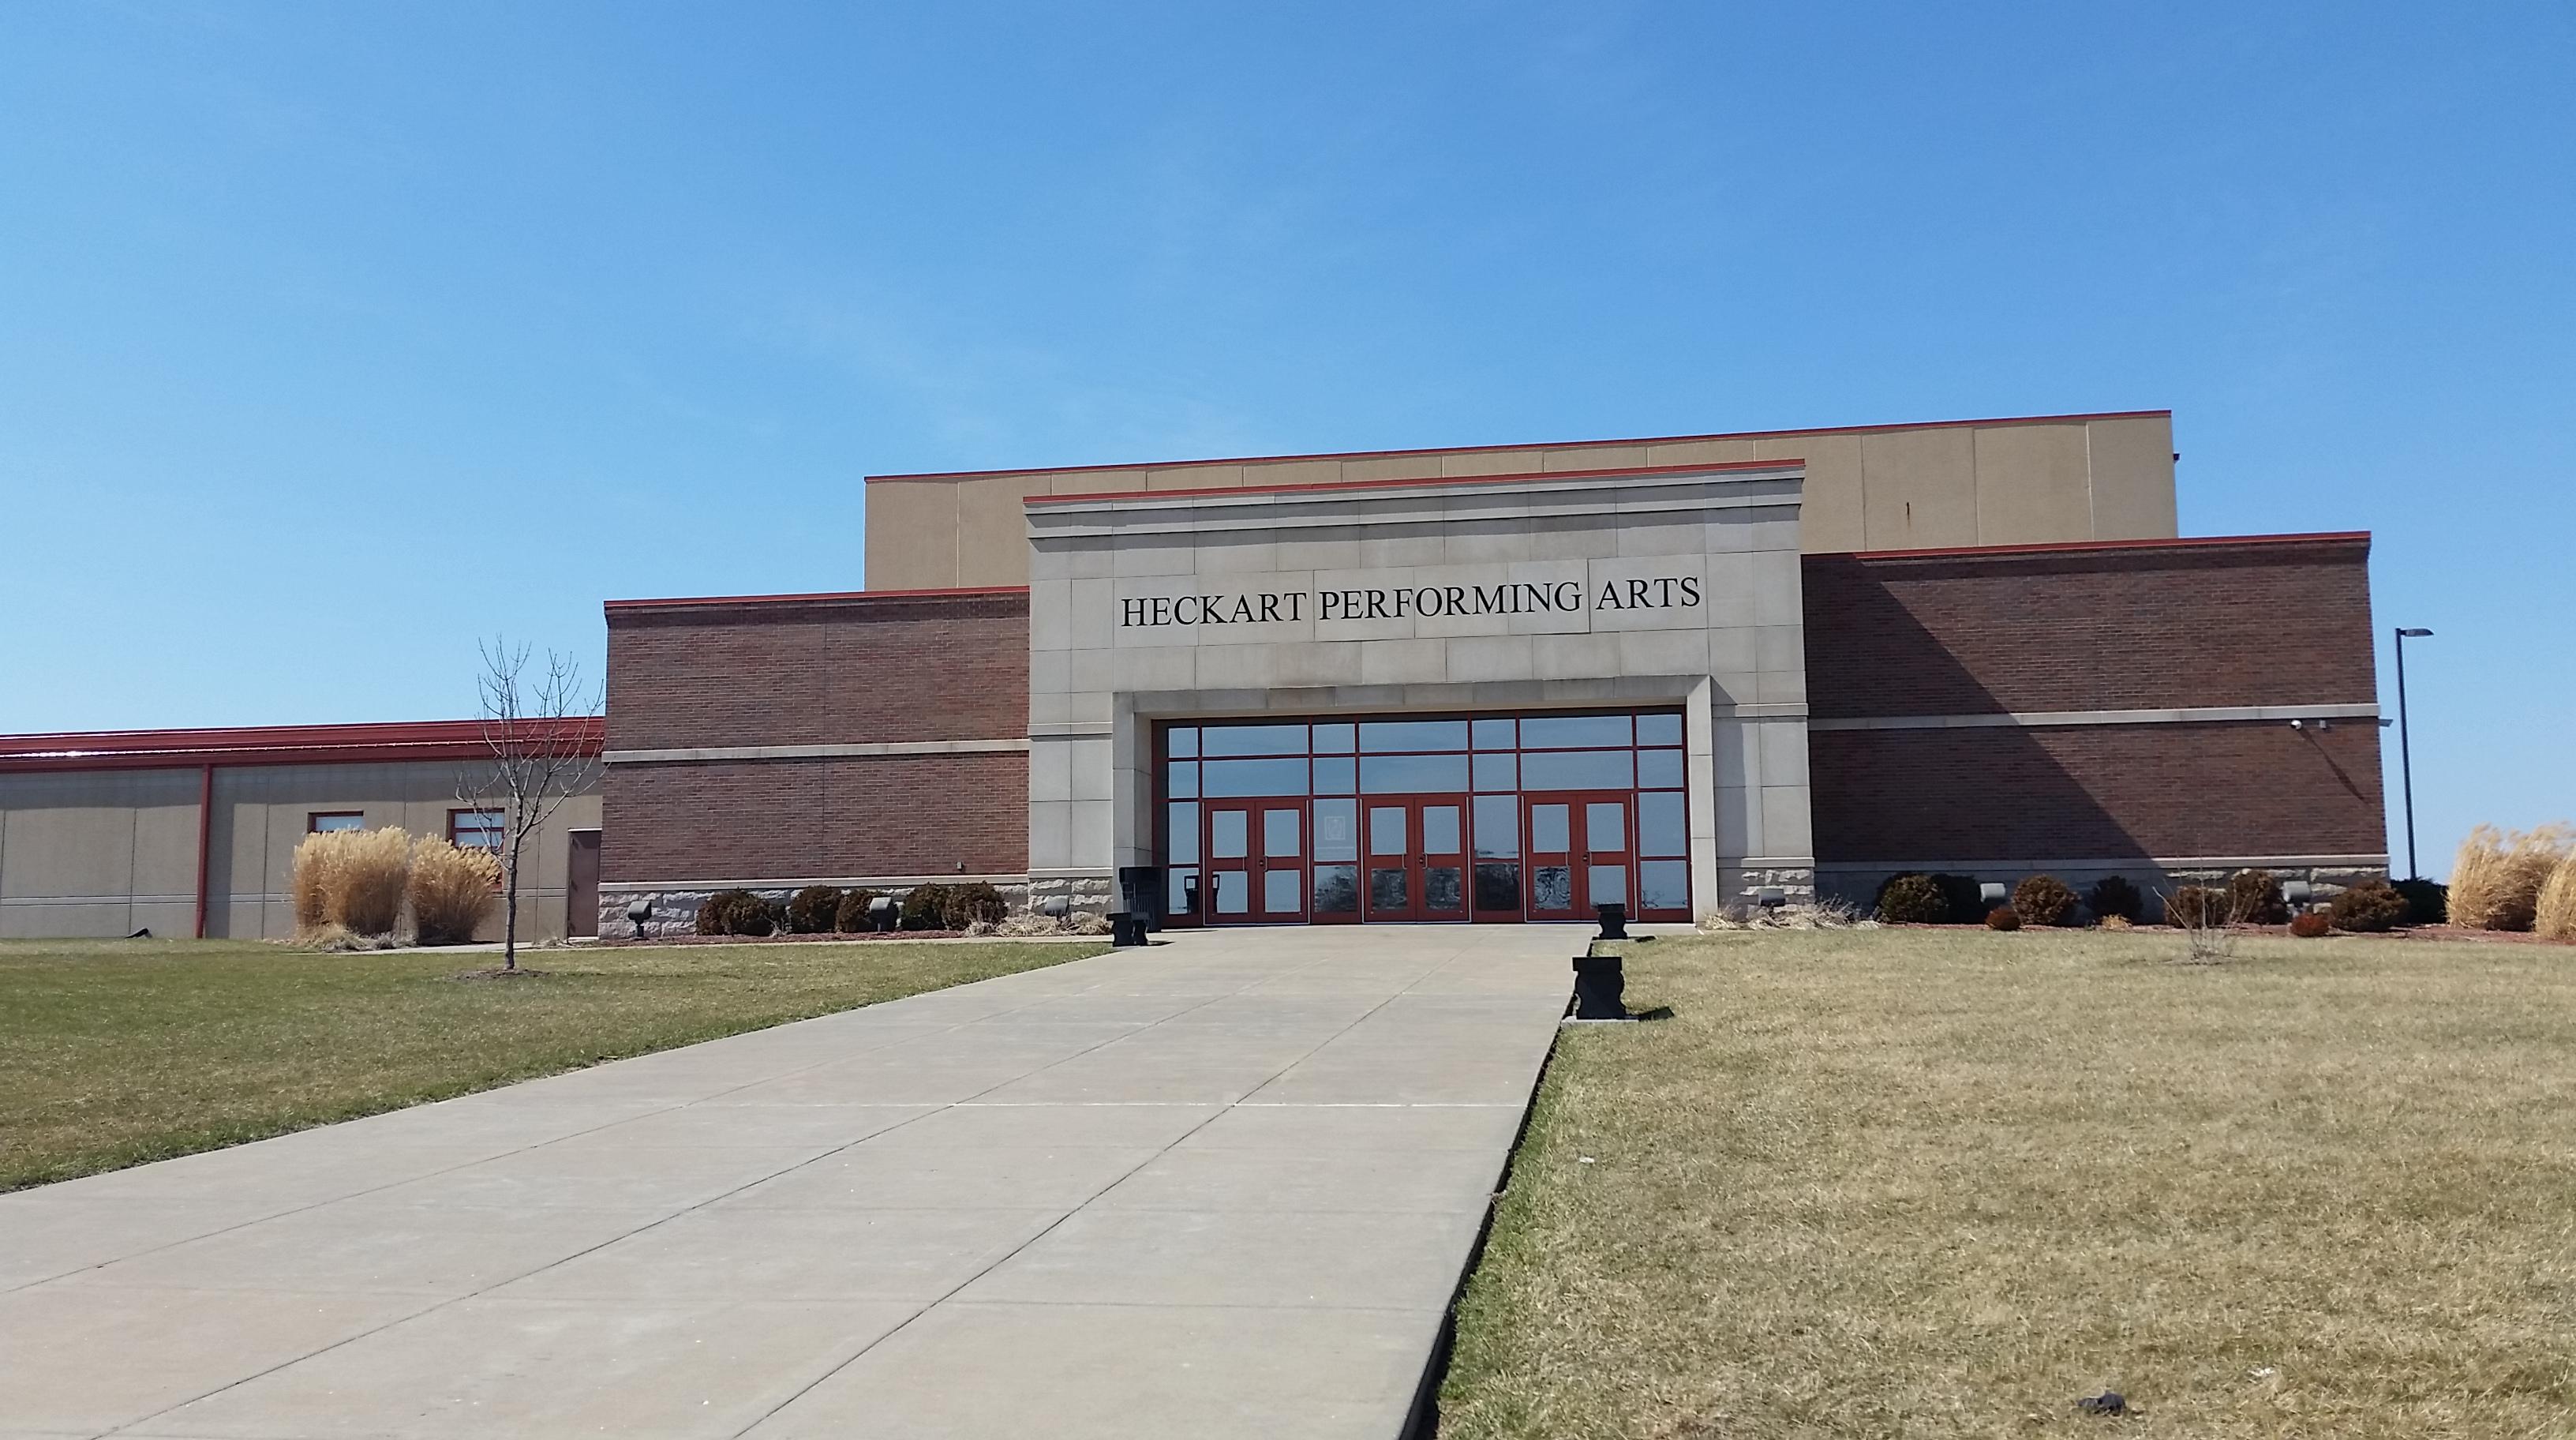 Heckart Performing Arts Center